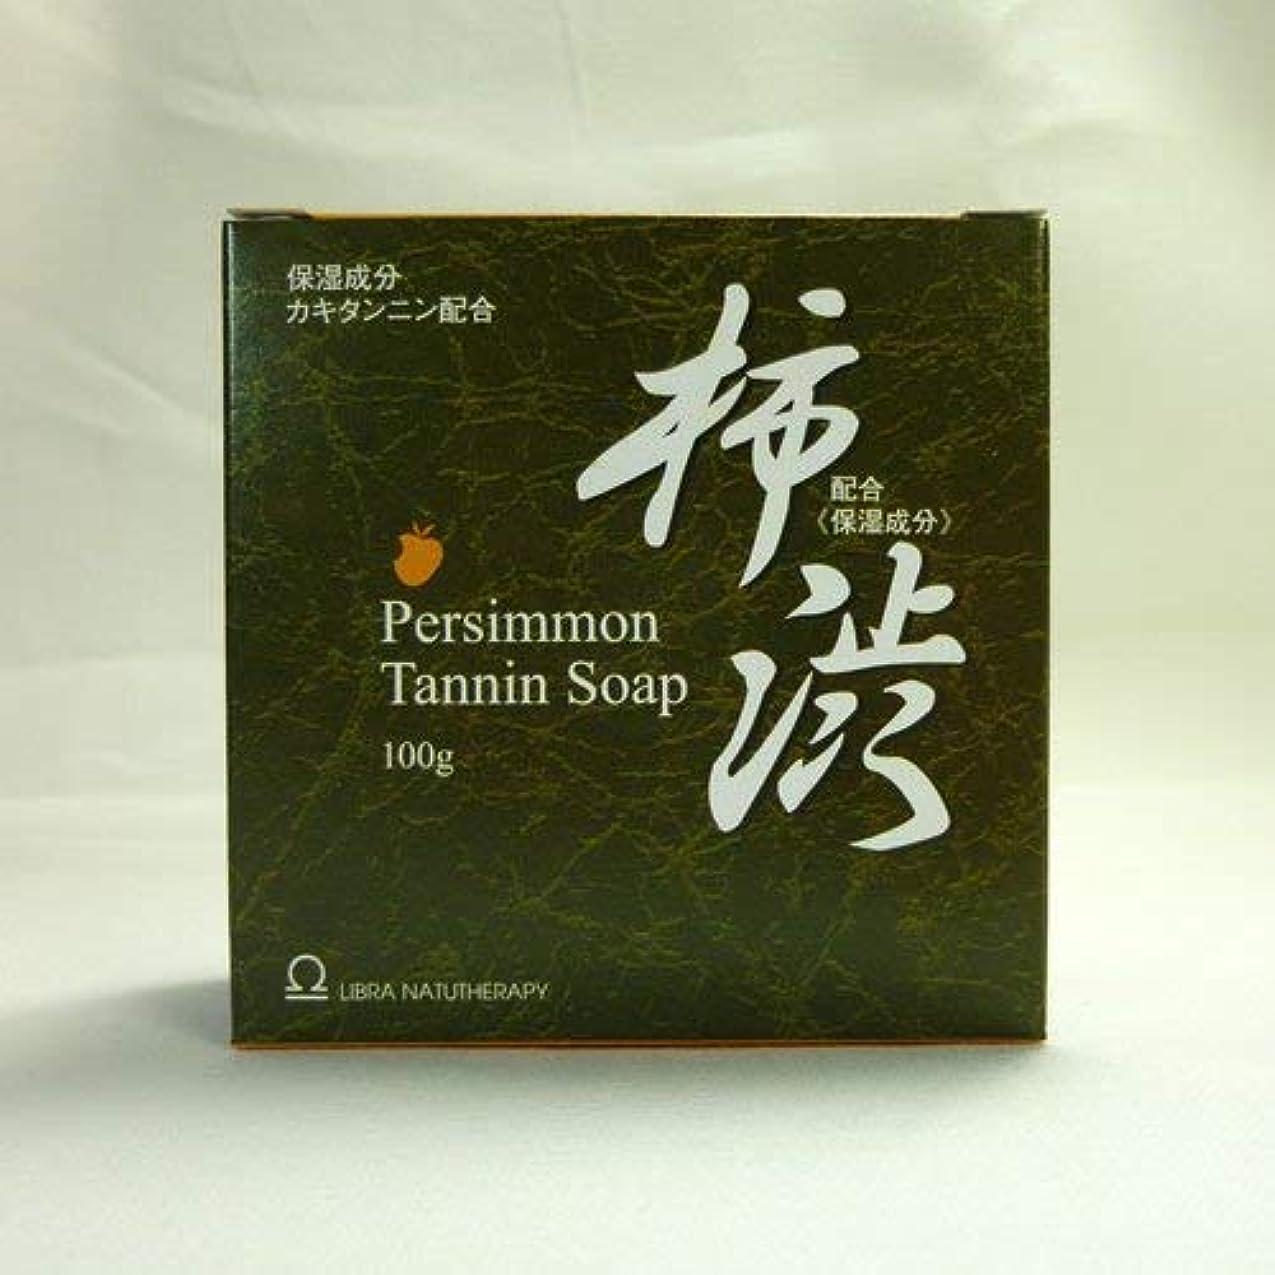 魅力的であることへのアピールタックルうん加齢臭?体臭対策石鹸「ライブラ柿渋石鹸(LIBRA)100g」